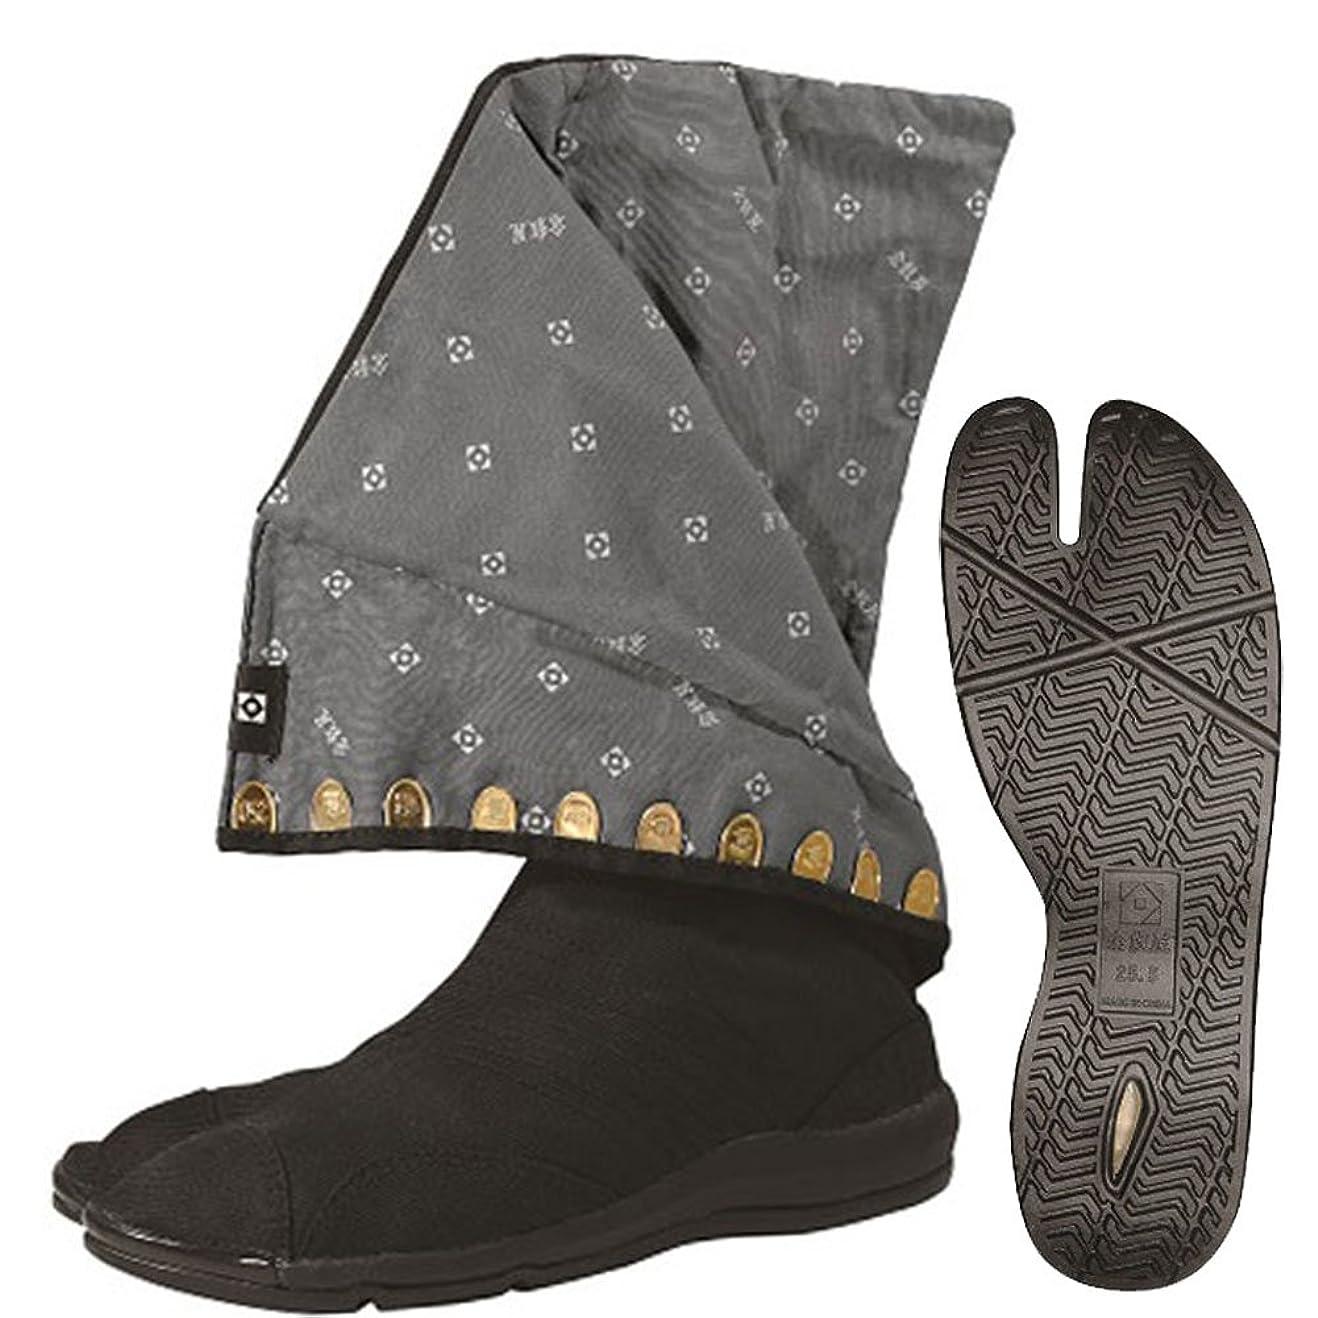 シエスタ型アプト[倉敷屋] お祭り足袋 祭気 ワンランク上のエアージョグ足袋12馳